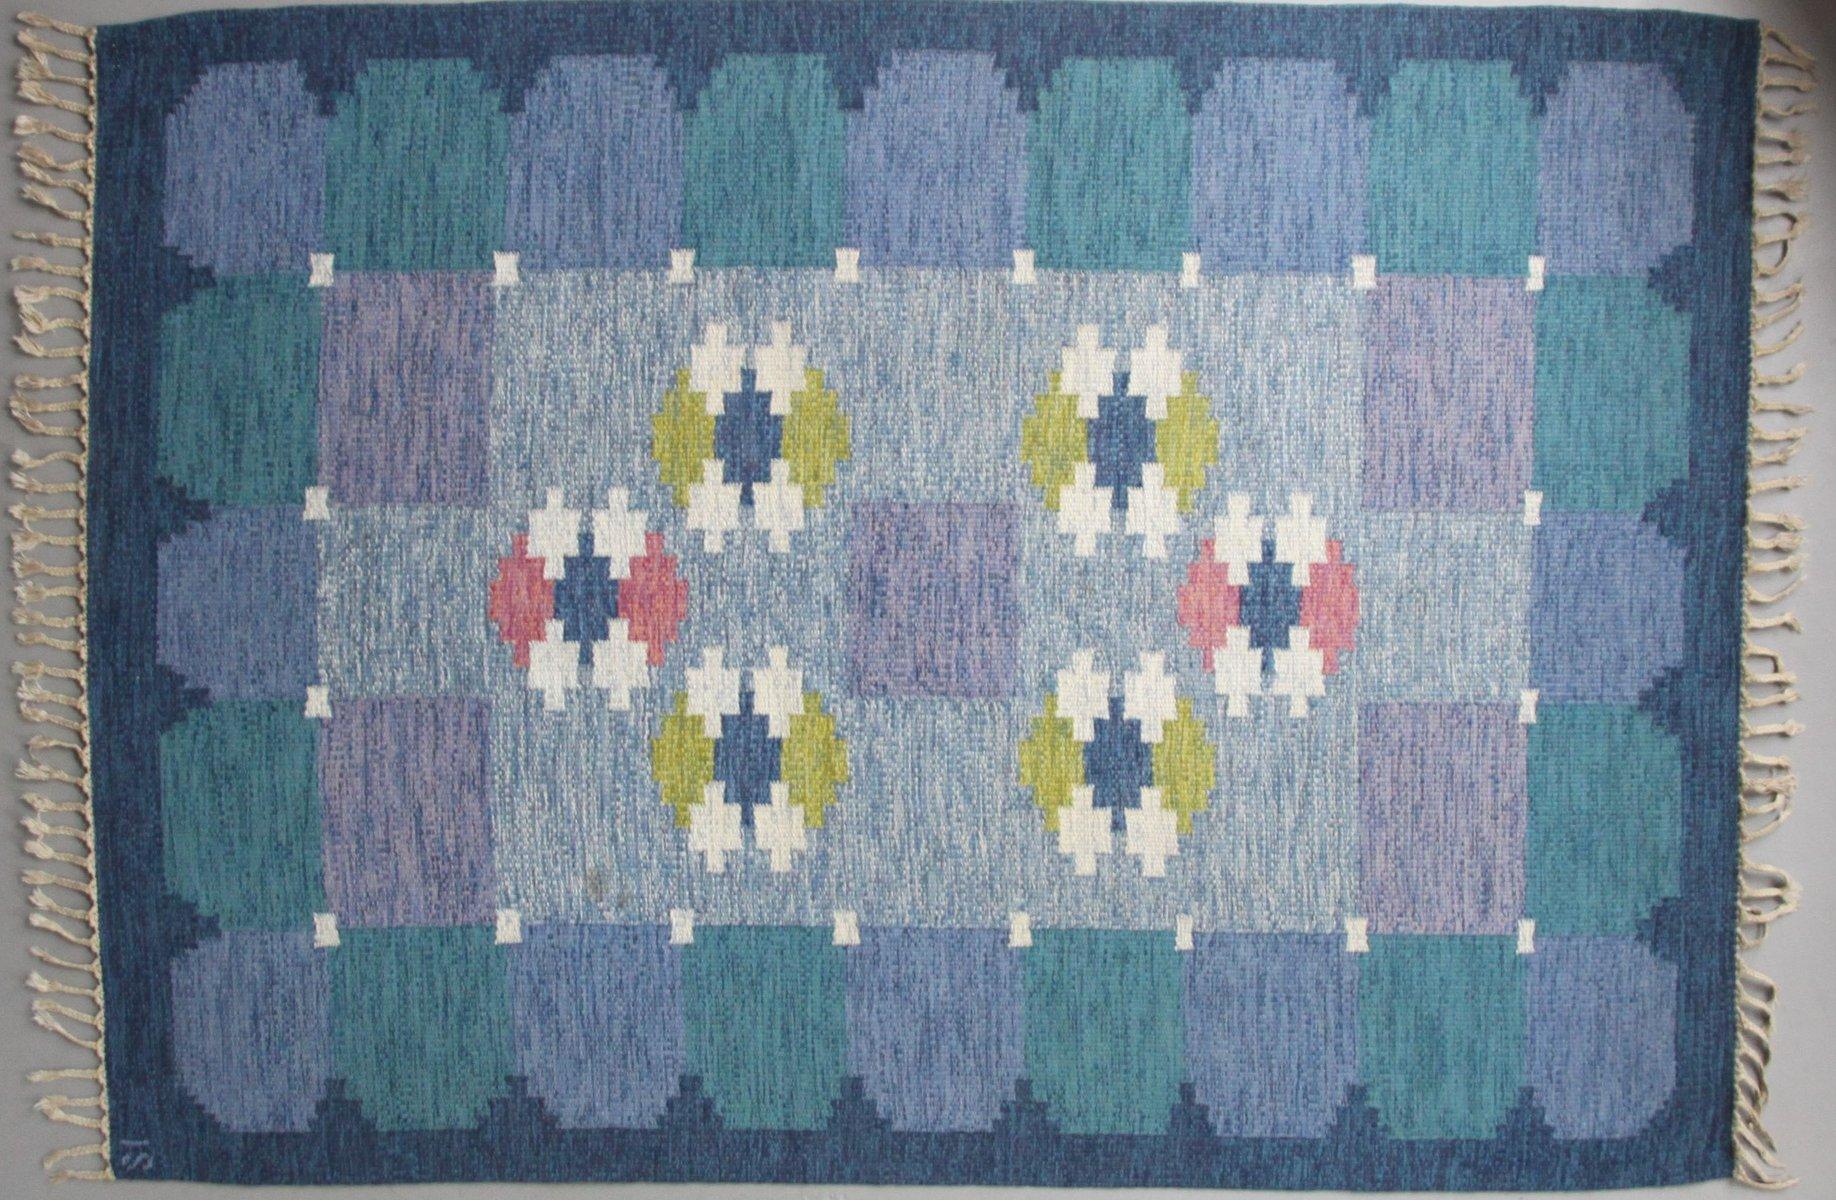 gewebter schwedischer blauer r lakan teppich von ingegerd silow bei pamono kaufen. Black Bedroom Furniture Sets. Home Design Ideas